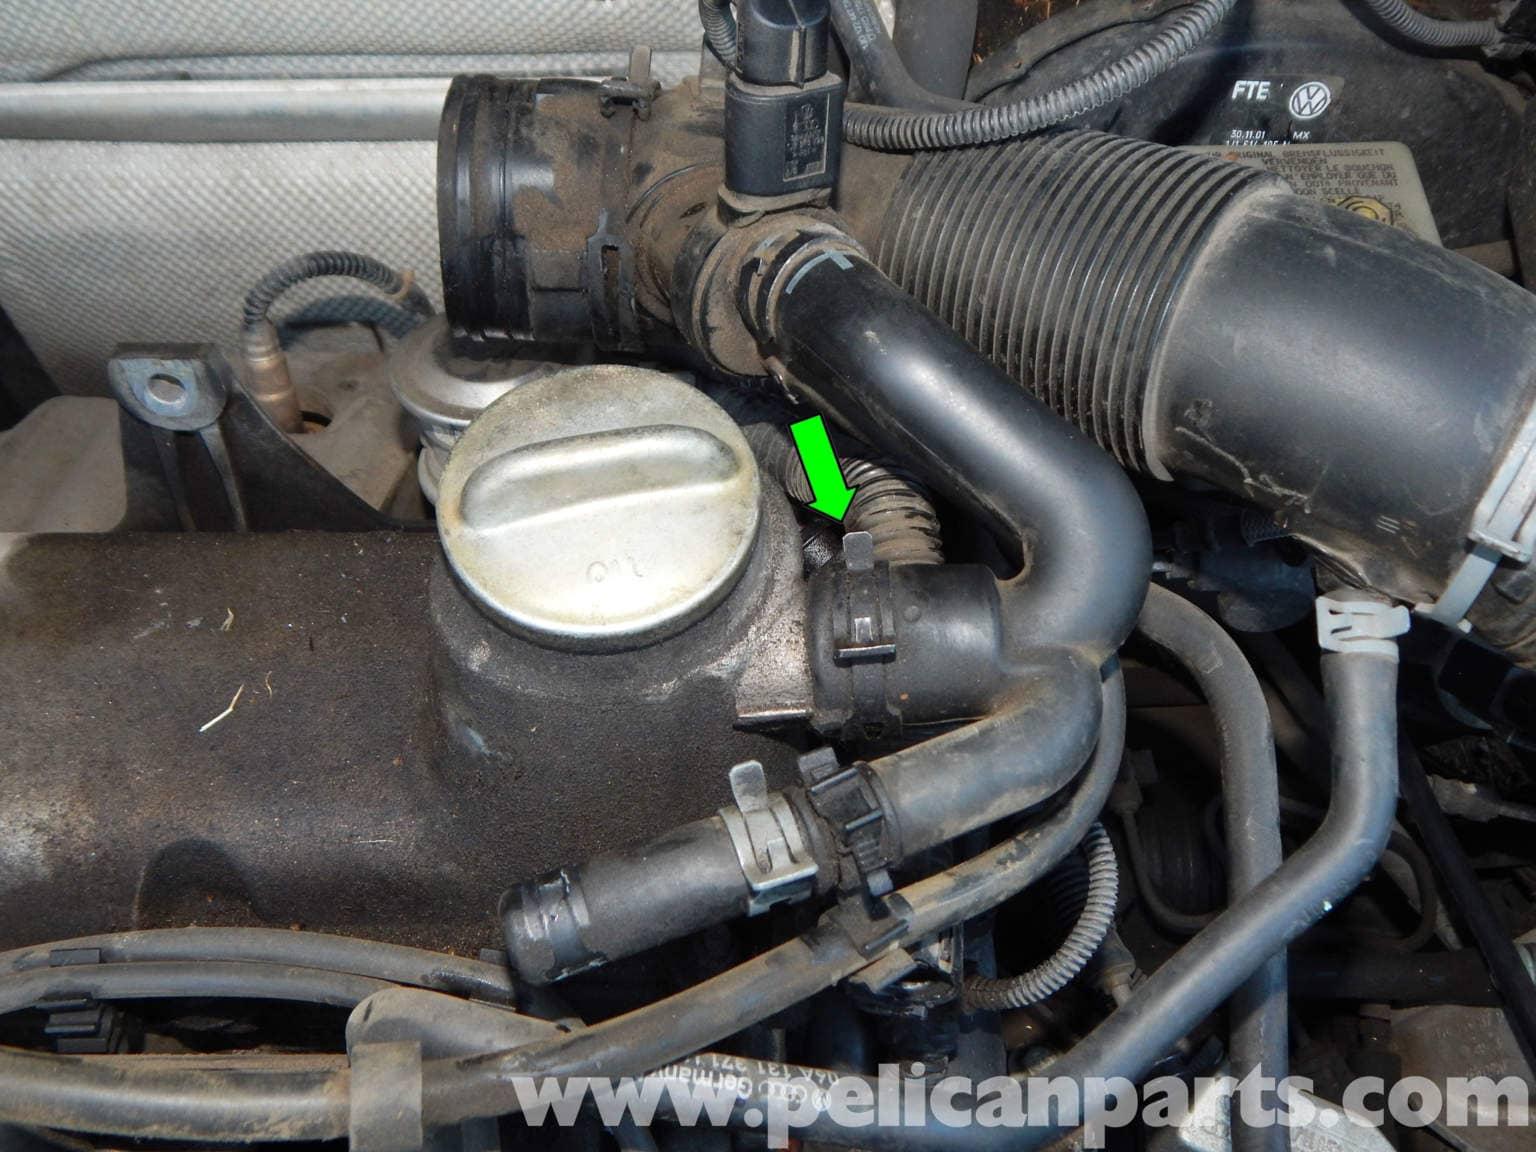 Volkswagen Jetta Mk4 Valve Cover Gasket Replacement